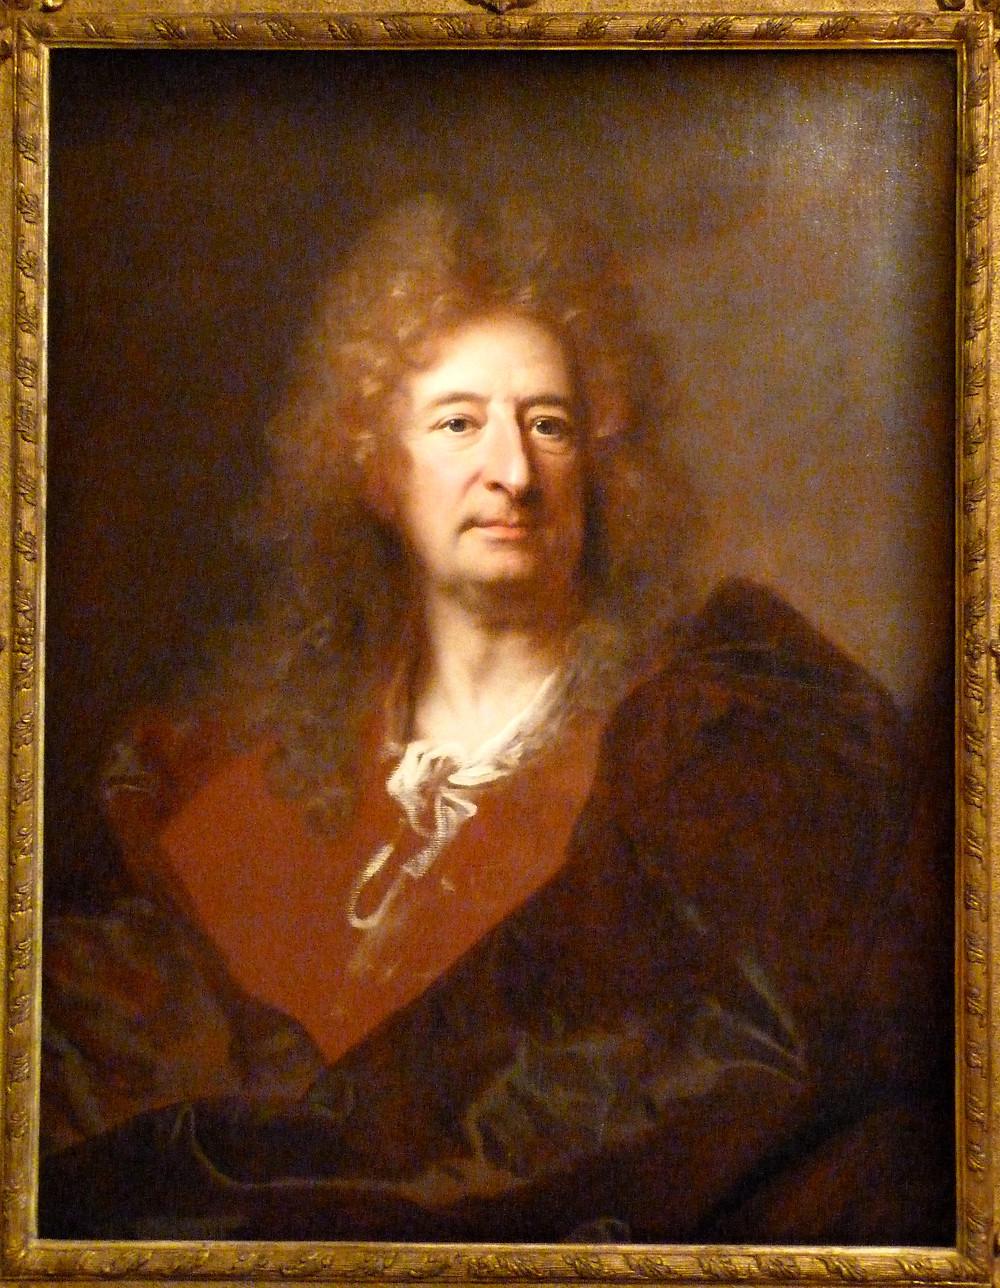 Hyacinthe Rigaud, Portrait présumé de Gabriel Blanchard, avant 1704, château de Parentignat, collection marquis de Lastic